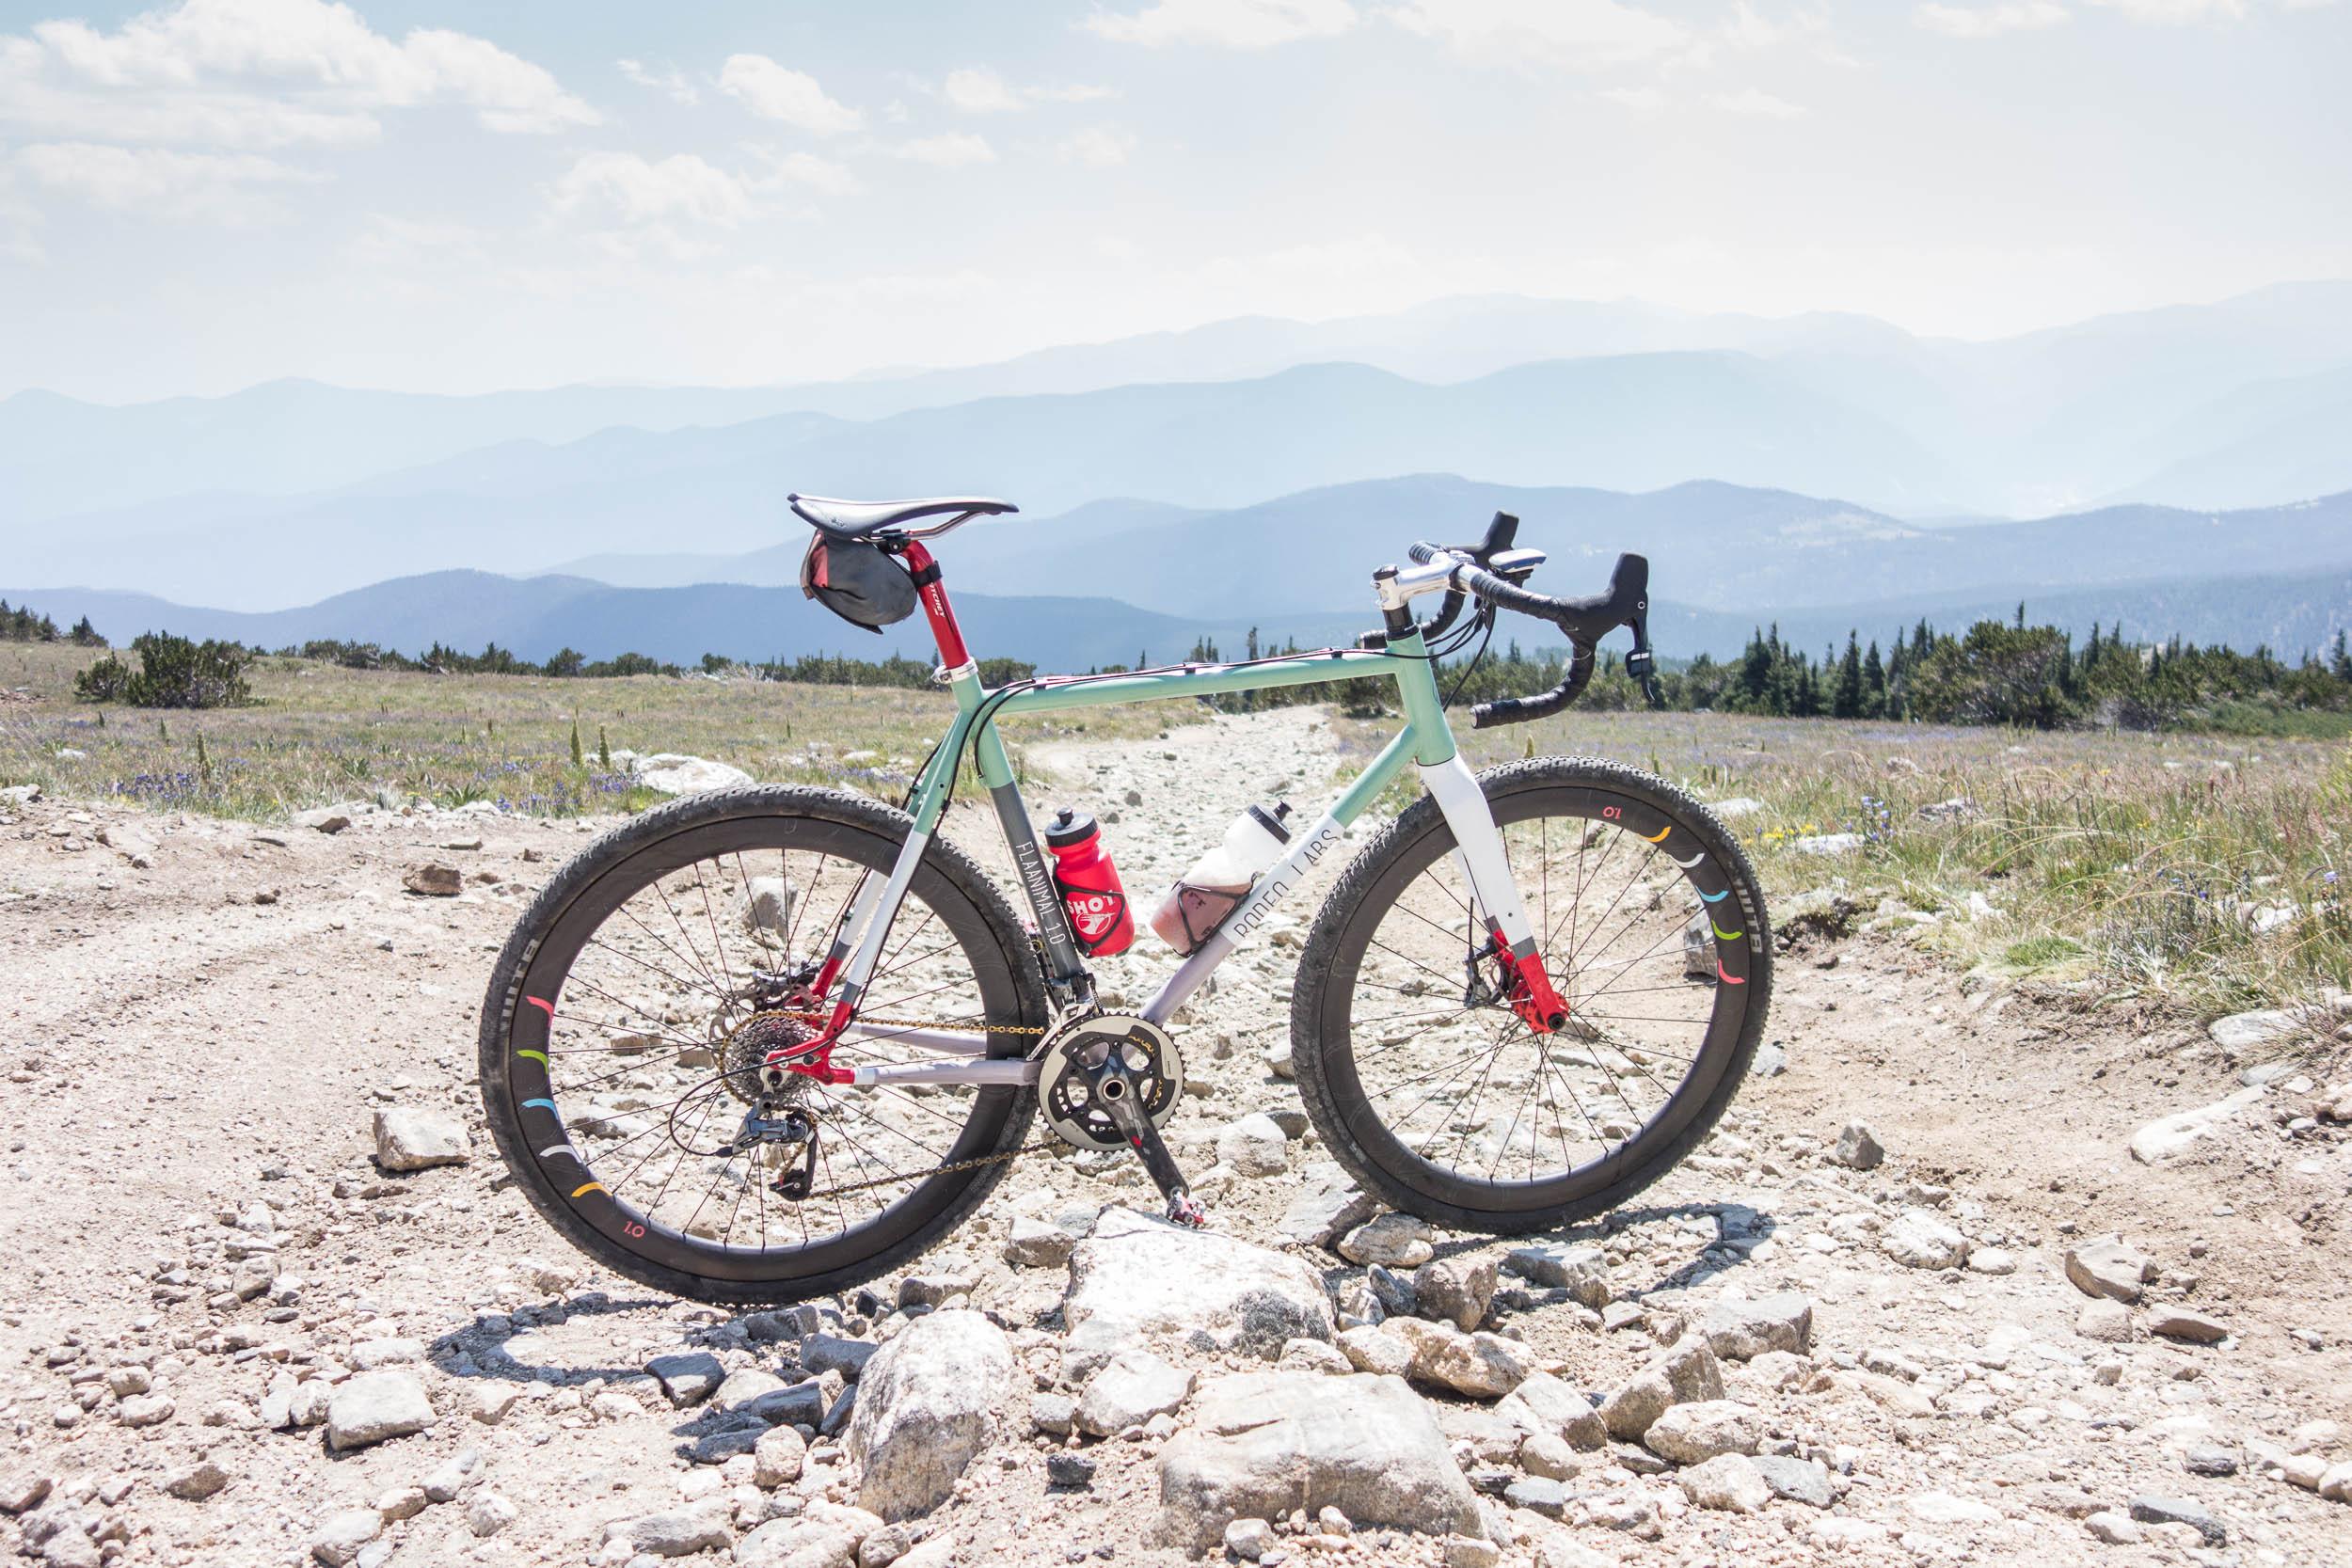 Flaanimal 1.0 in Advenure Bike spec near Rollins Pass, CO